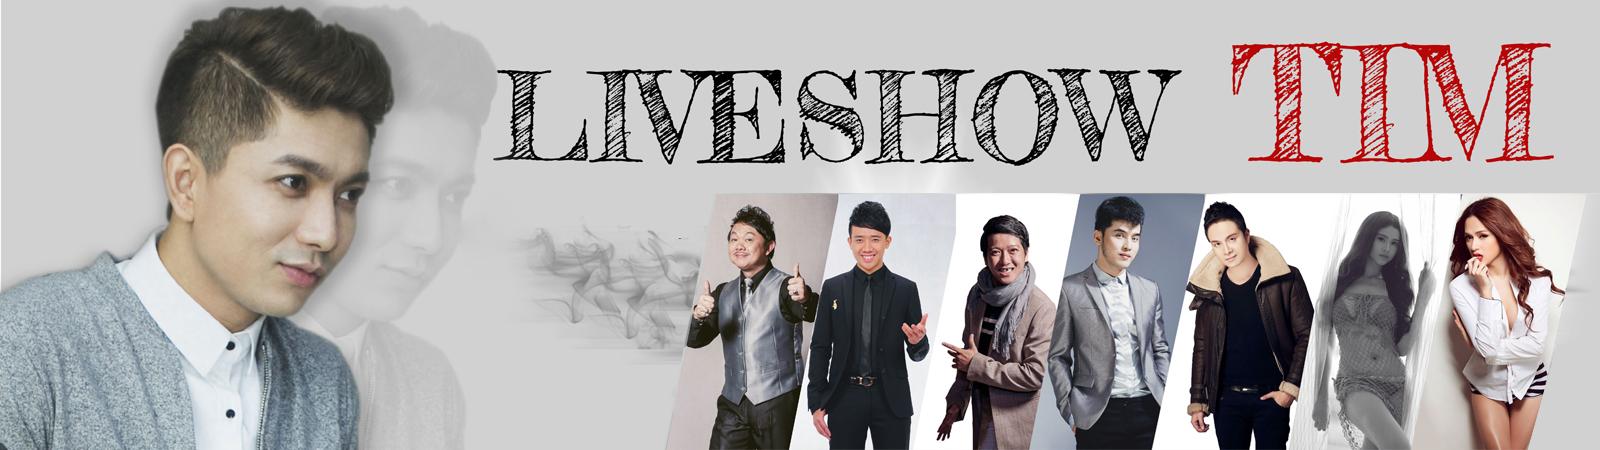 Tim - Liveshow An